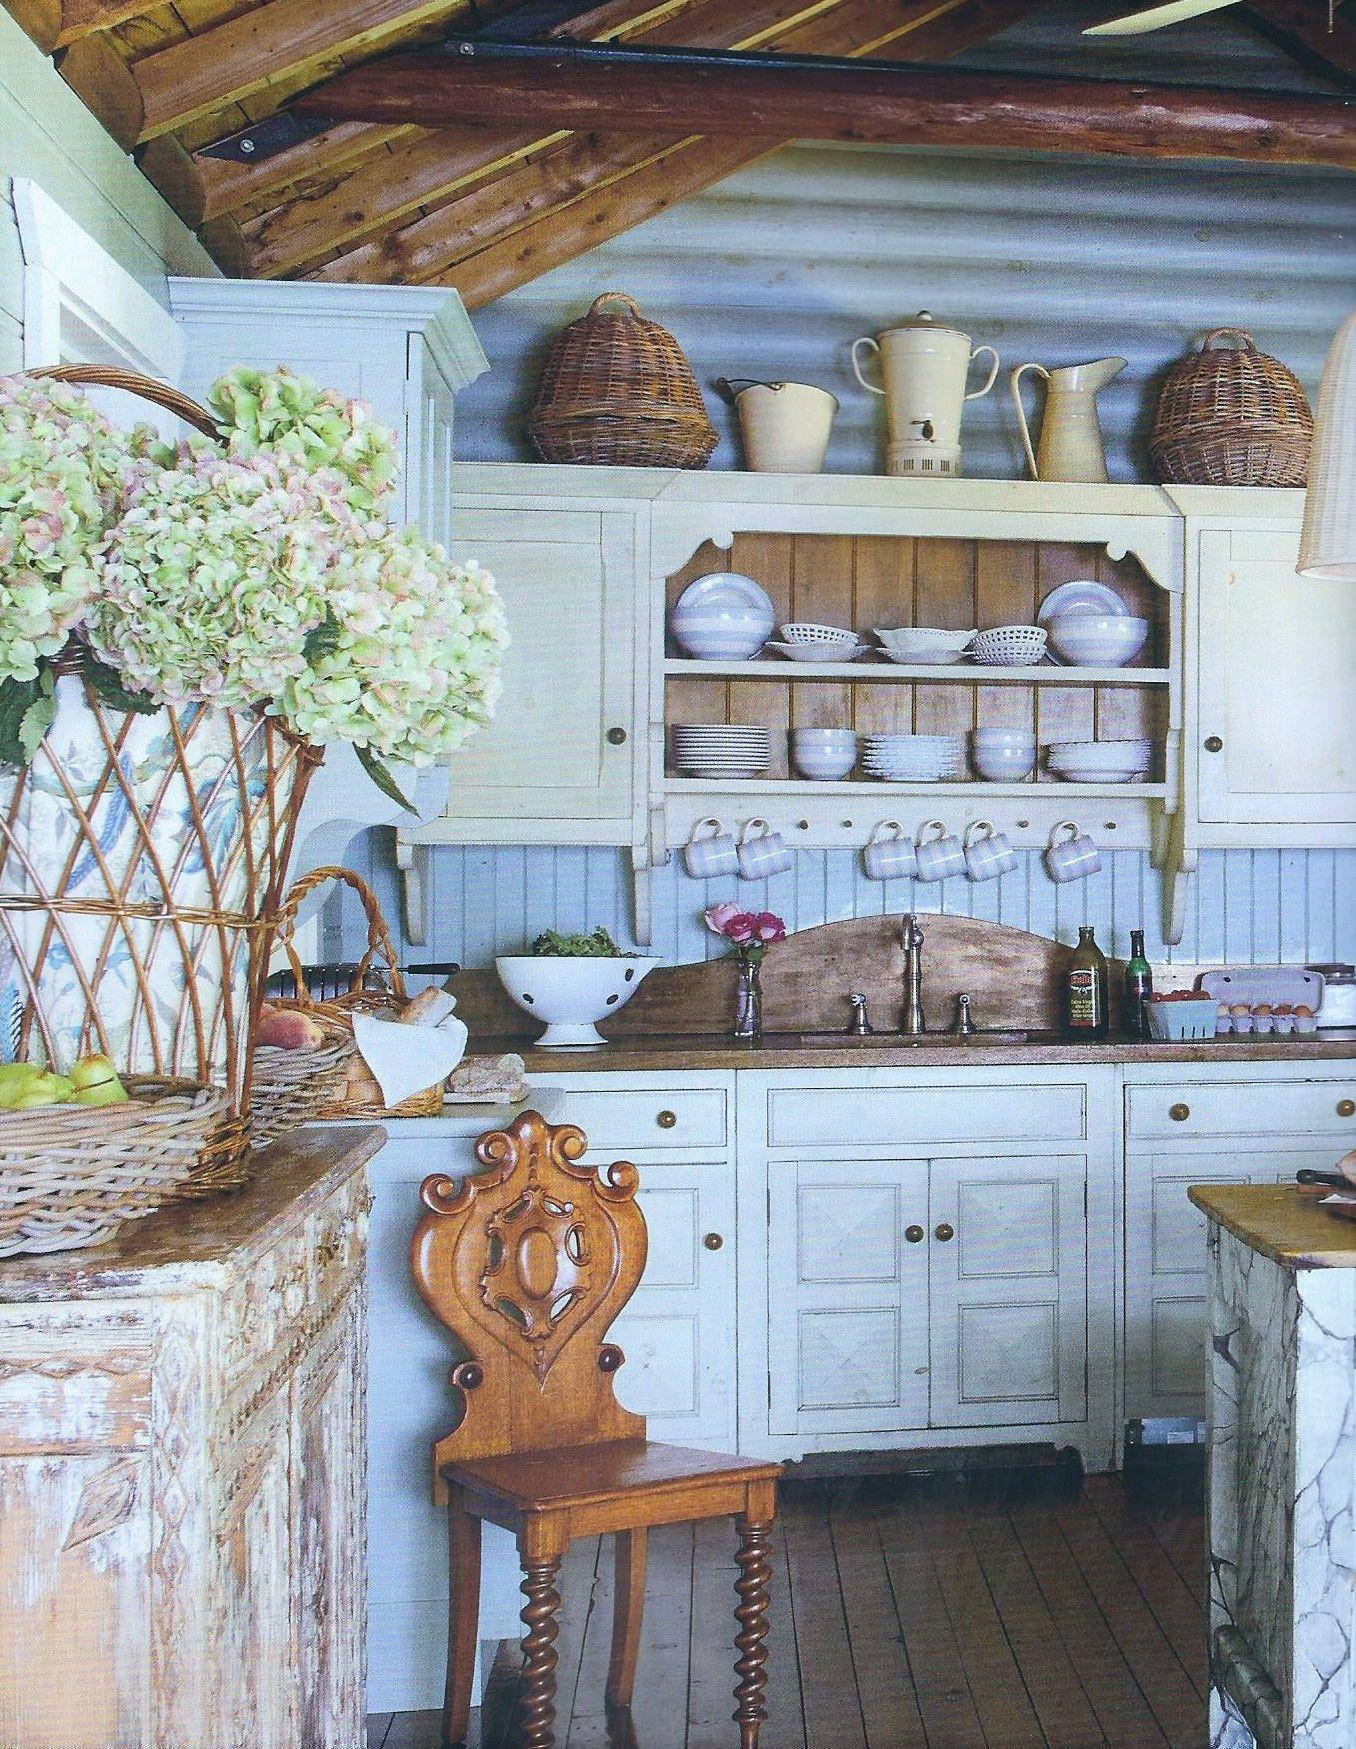 pin by cheryl schwandt 2 on elegant kitchens elegant kitchens home decor decor on kitchen organization elegant id=47923